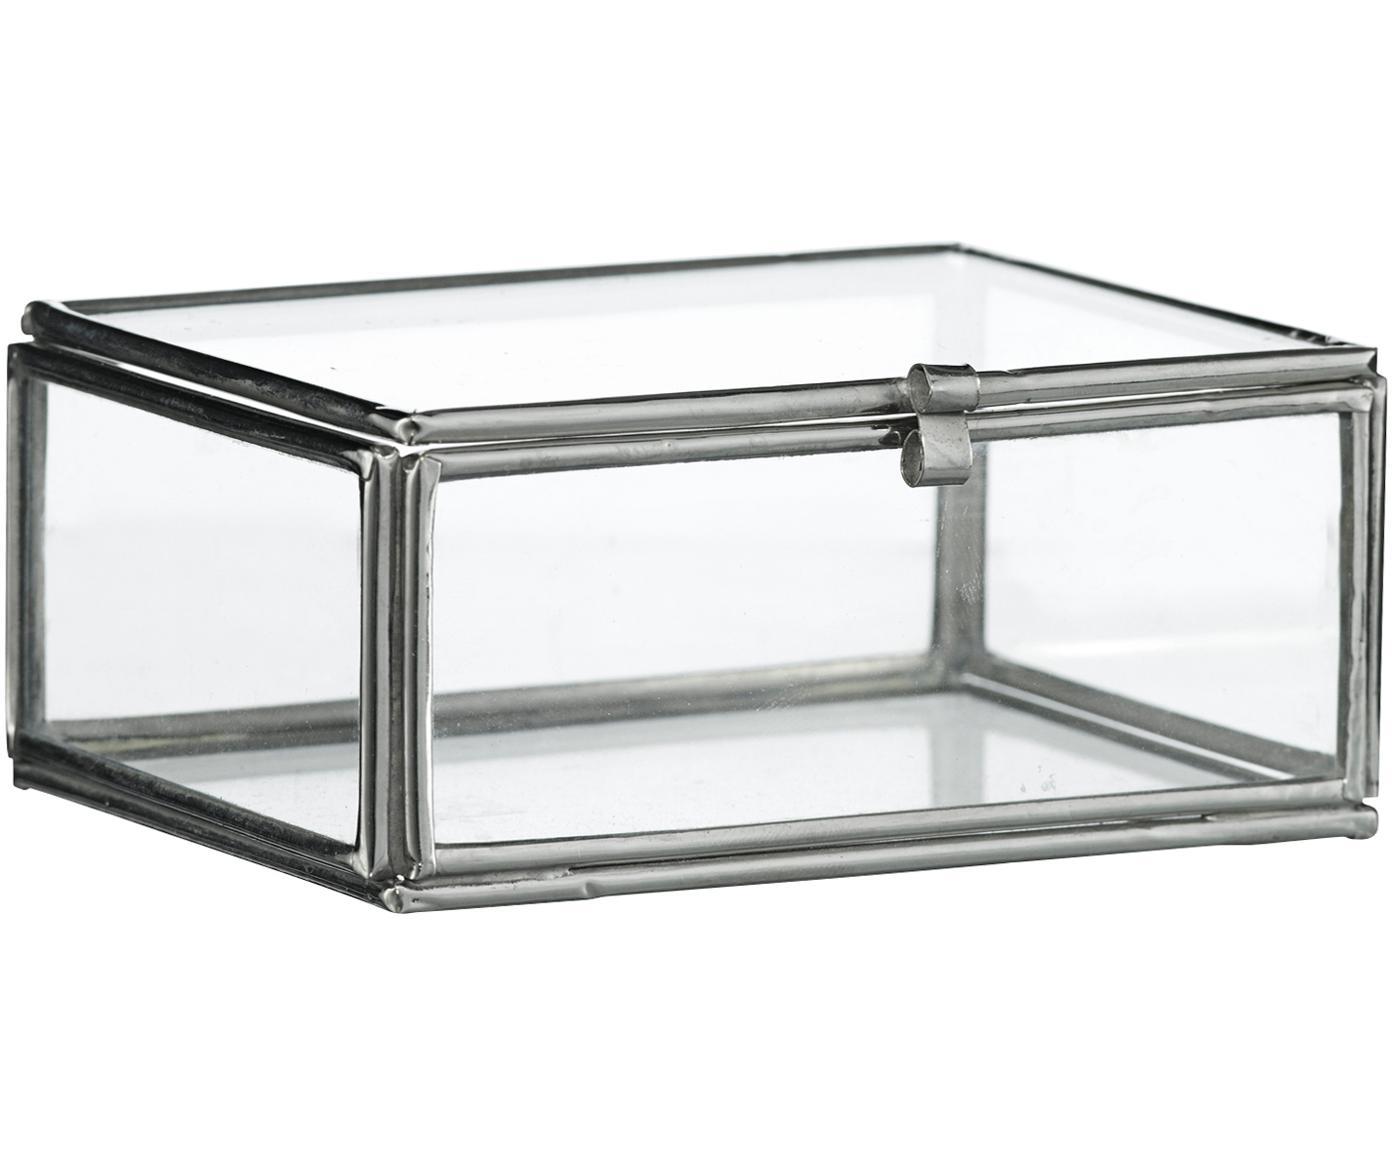 Aufbewahrungsbox Ivey, Rahmen: Metall, beschichtet, Edelstahl, 9 x 4 cm